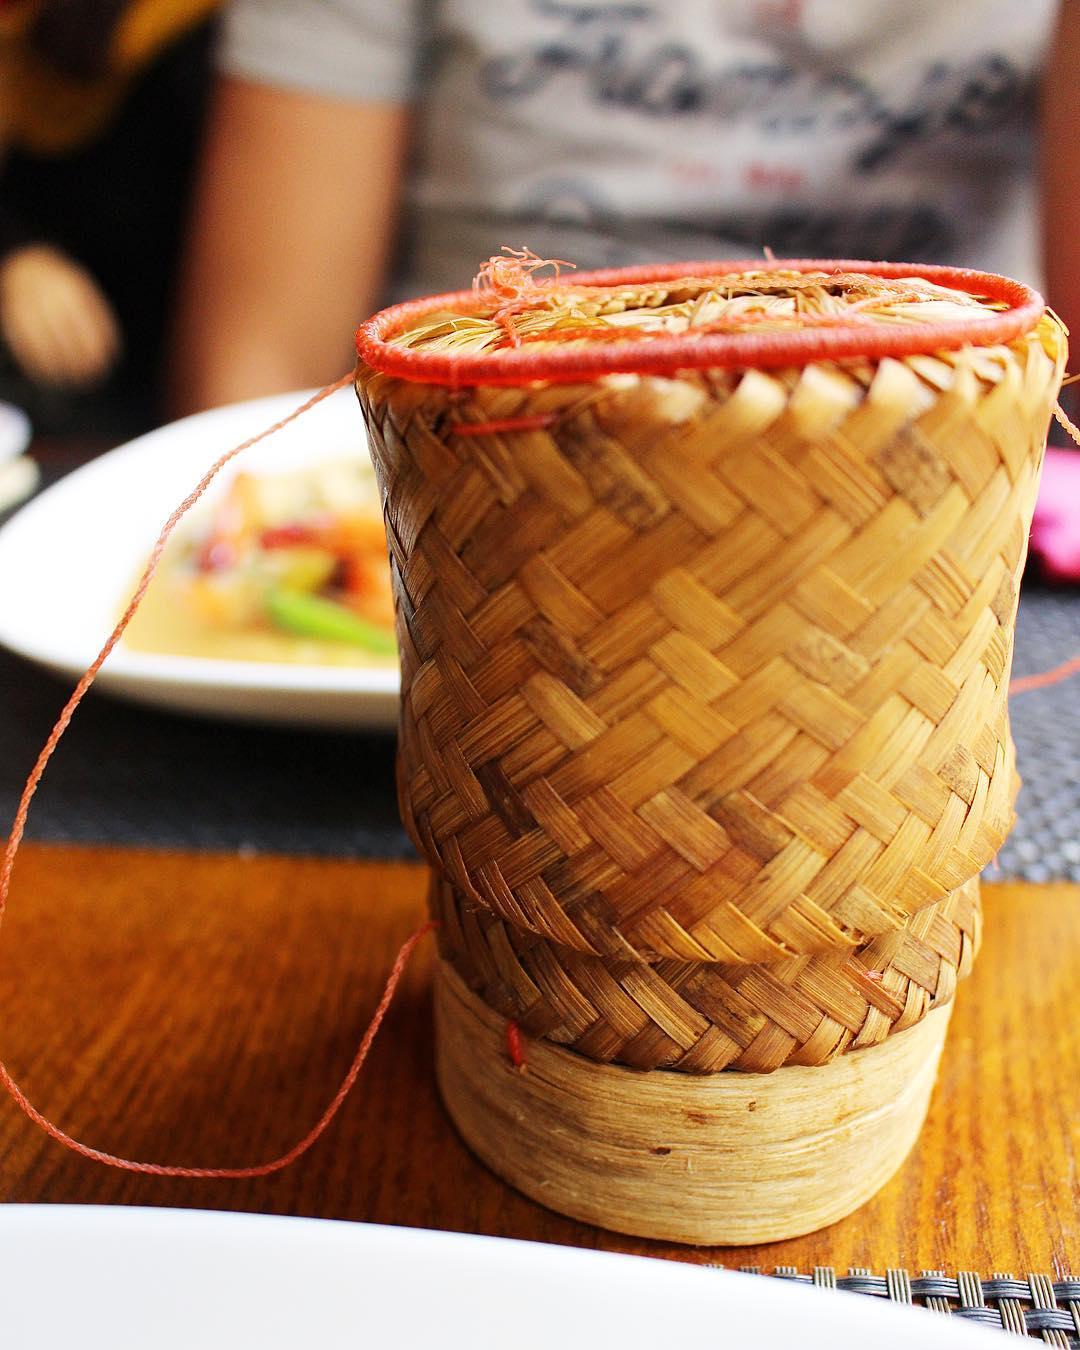 GLUTEN FREE ! Le riz gluant mon préféré ! Vous en avez déjà mangé ? . .  Ce riz ne contient pas de gluten alimentaire (c'est-à-dire pas de gluténine ni de gliadine) et convient donc aux régimes sans gluten . ???? . ➕ LA PAGODE • Restaurant Vietnamien . ? MONTPELLIER (34) ?? . ______  #lapagode #lapagodemontpellier #thailand #thaifood #vietfood #chinesefood #Food #gastronomie #asianfood #cooking #foodblog #blogfood #foodlover #padthai #bobun #vietnam #Blog #PintadeMontpellier #Montpellier #BlogTrip #lunch #love #lovebirthday #11janvier #glutenfree #rizgluant